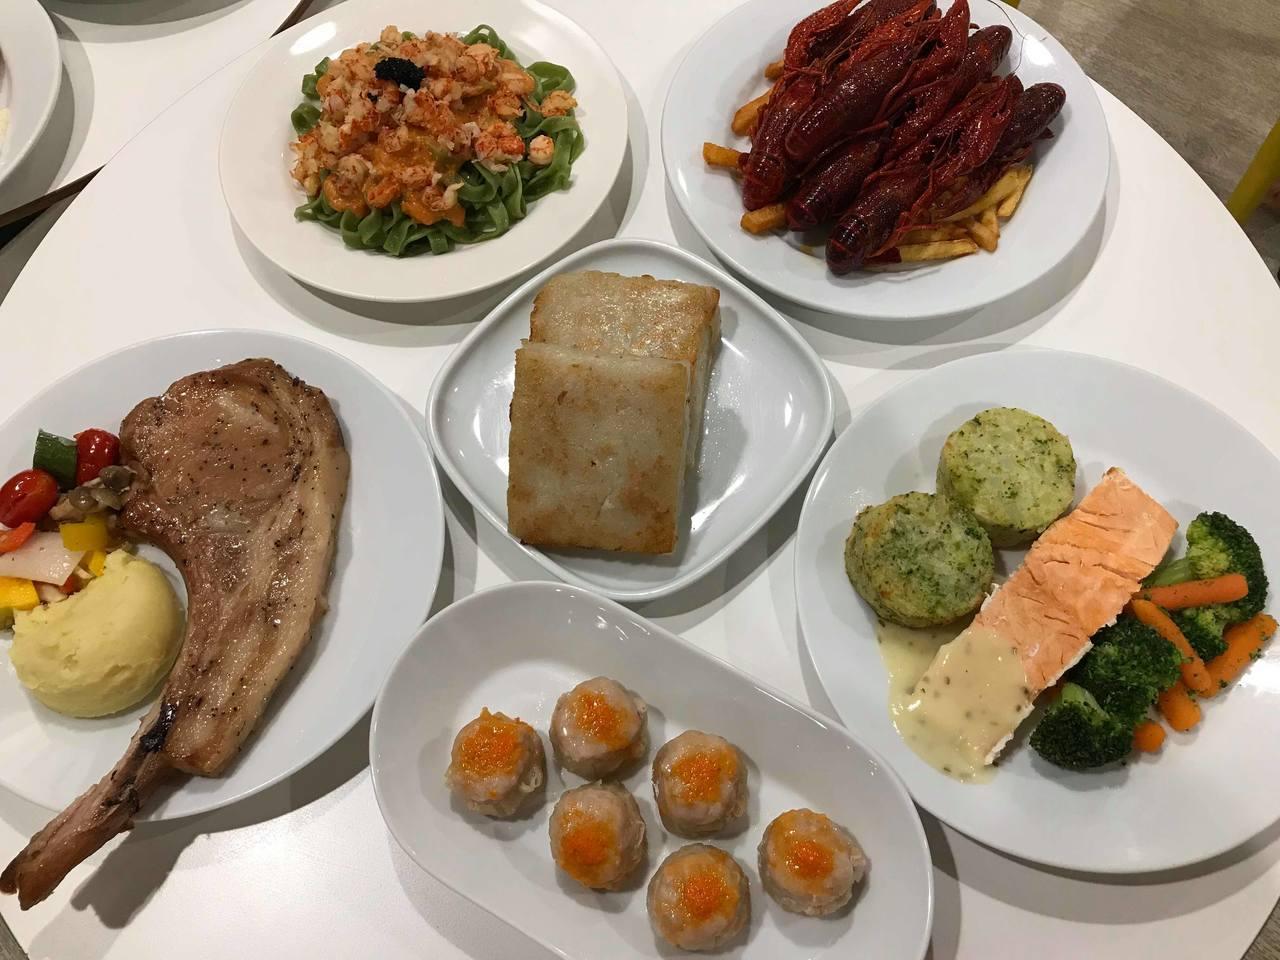 IKEA瑞典餐廳8月起推出多款新菜色,連台式的蘿蔔糕、燒賣都有。記者陳立儀/攝影